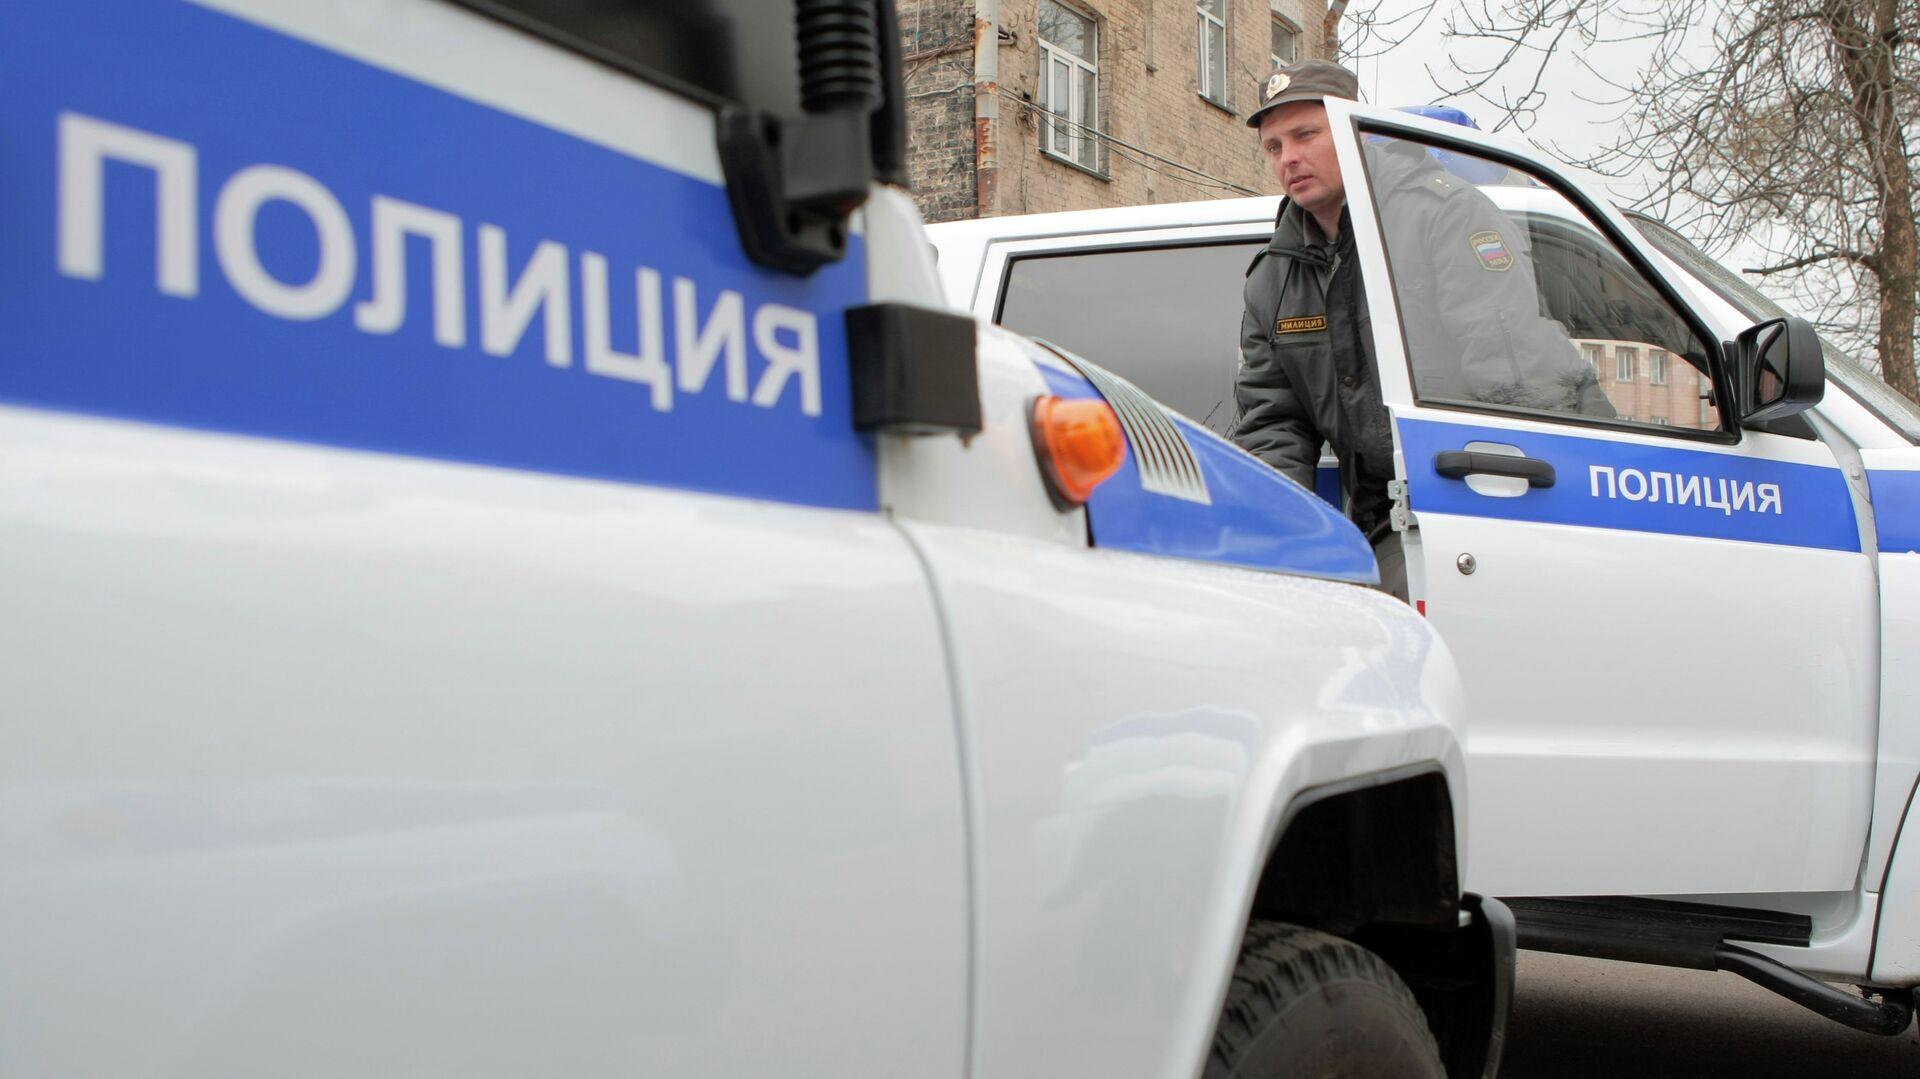 Сотрудники полиции - РИА Новости, 1920, 05.04.2021